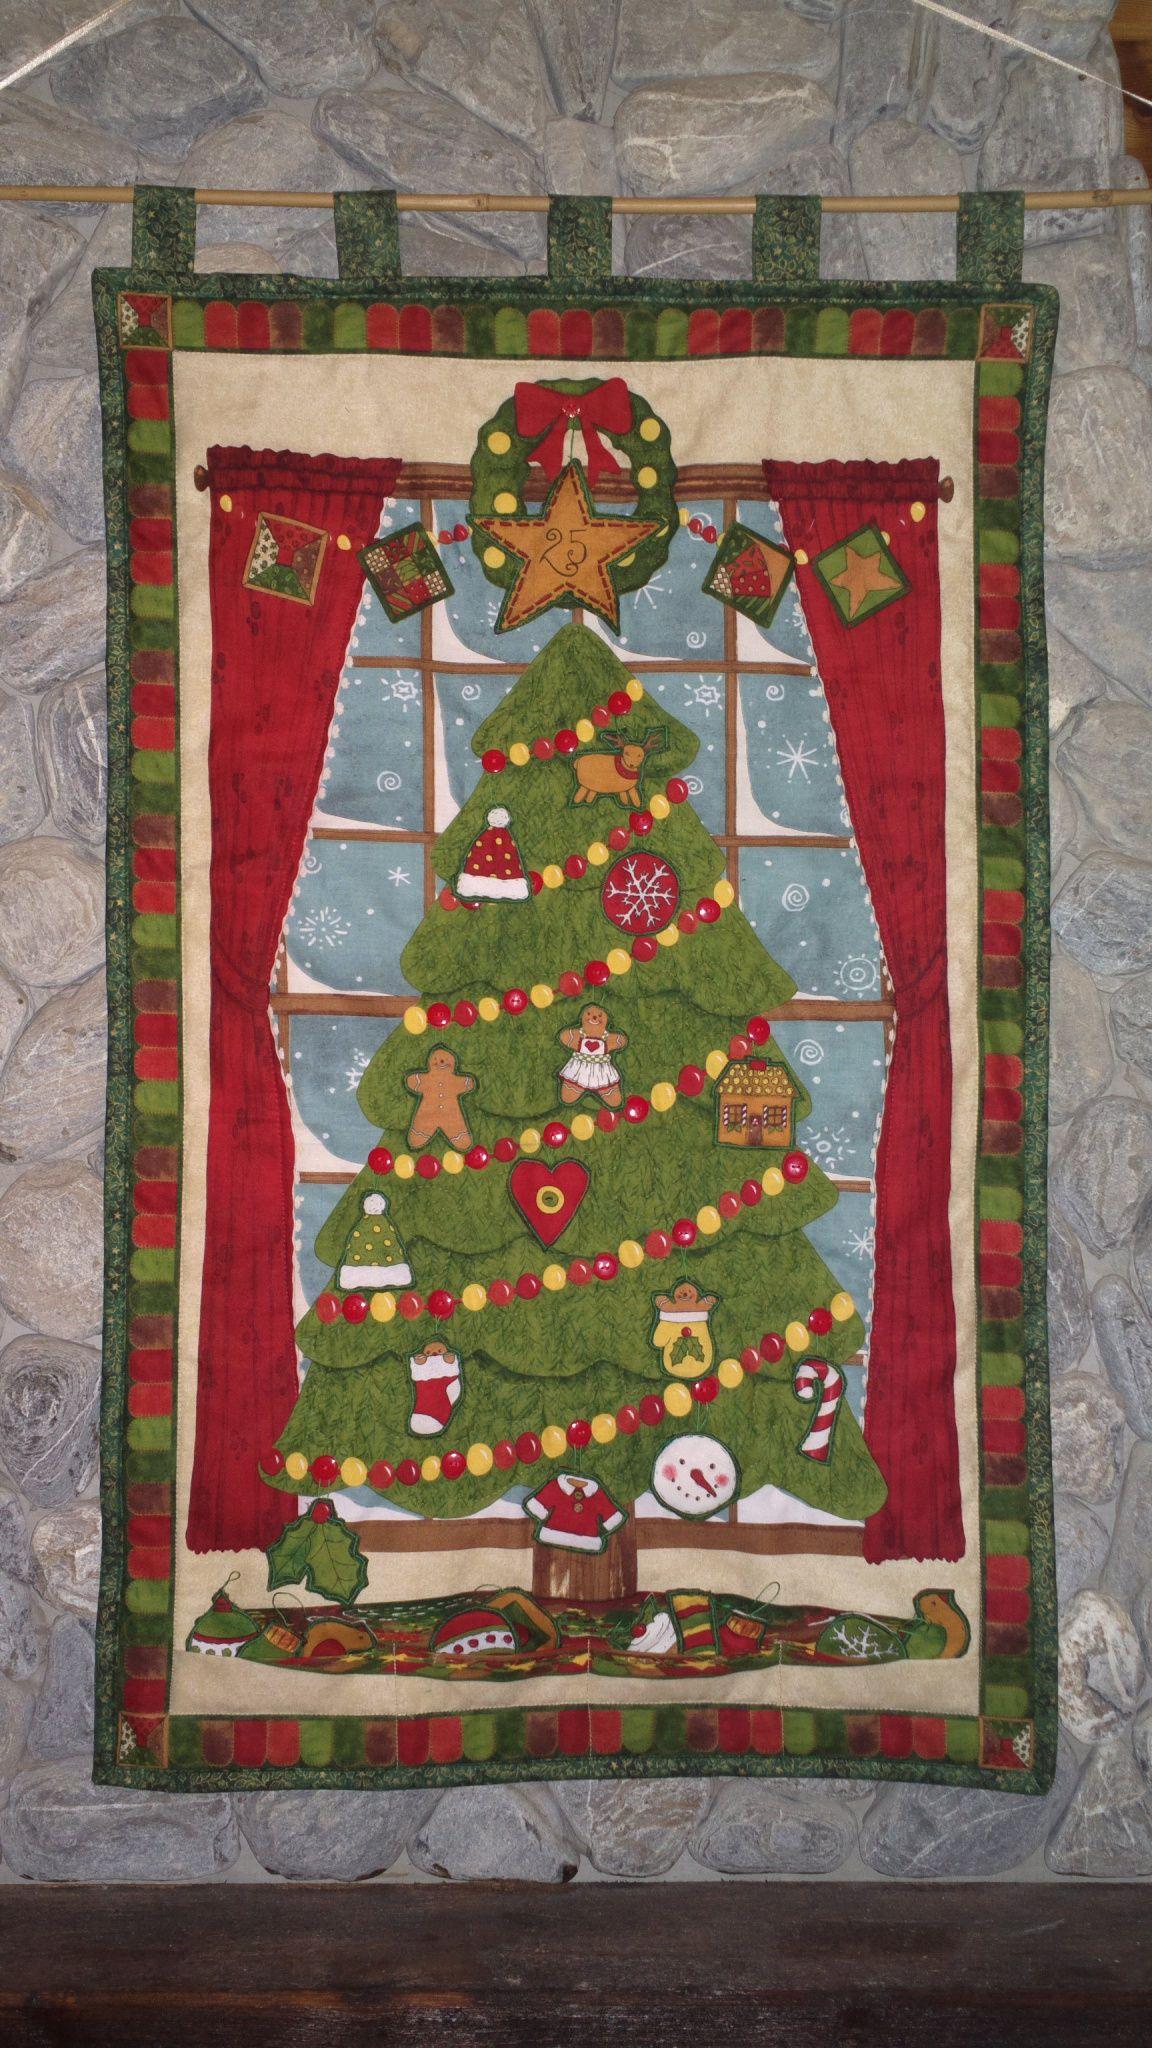 2112 naptár Adventi naptár, gombos fenyő (Amypatchworld   Christmas calendar 2112 naptár